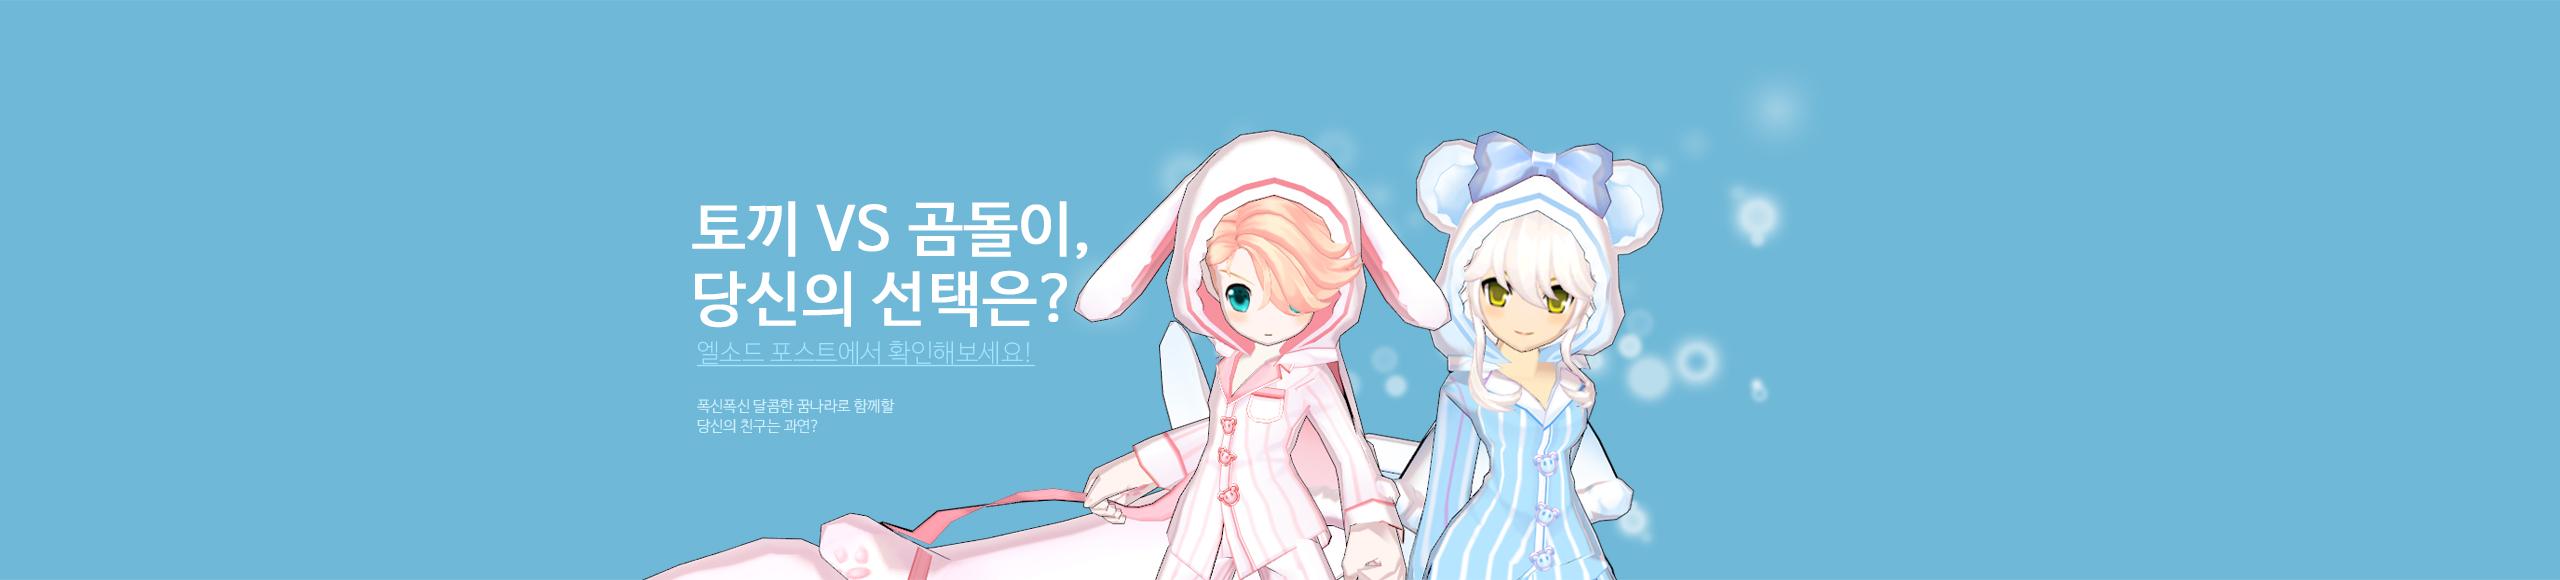 네이버 포스트(토끼 vs 곰돌이 당신의 선택은?) 이동